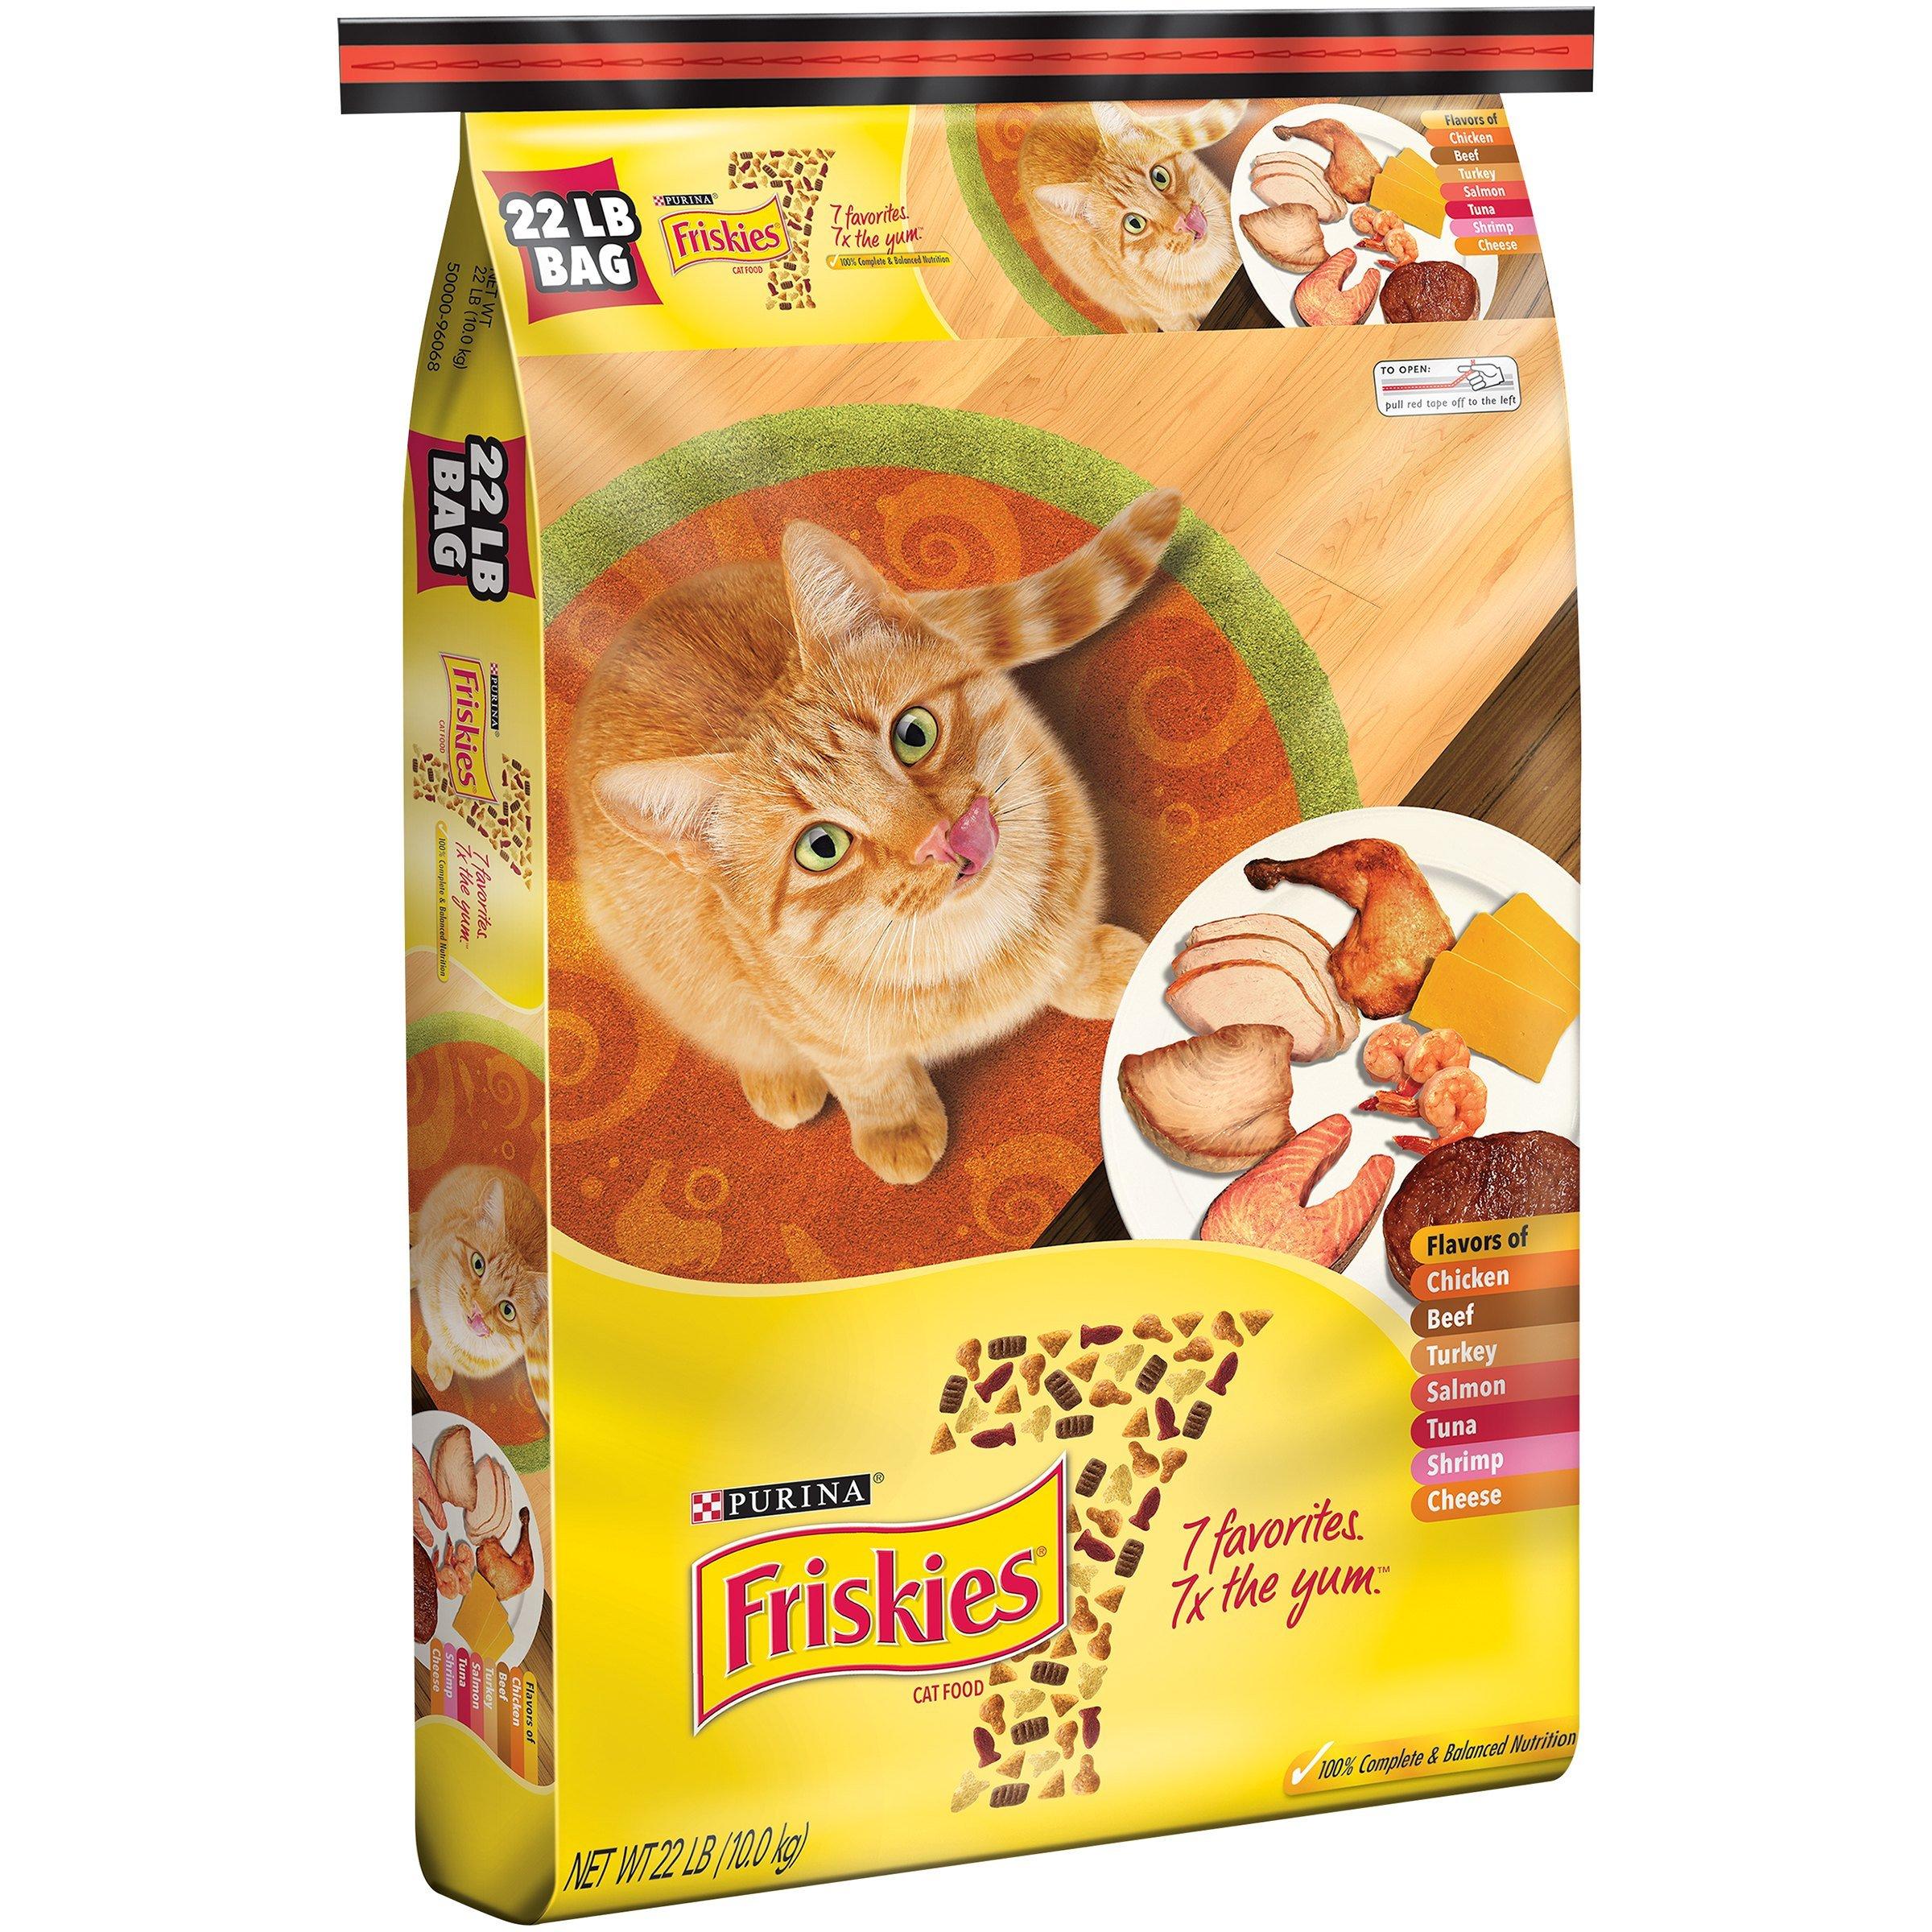 Purina Friskies 7 Cat Food 22 lb. Bag (1)